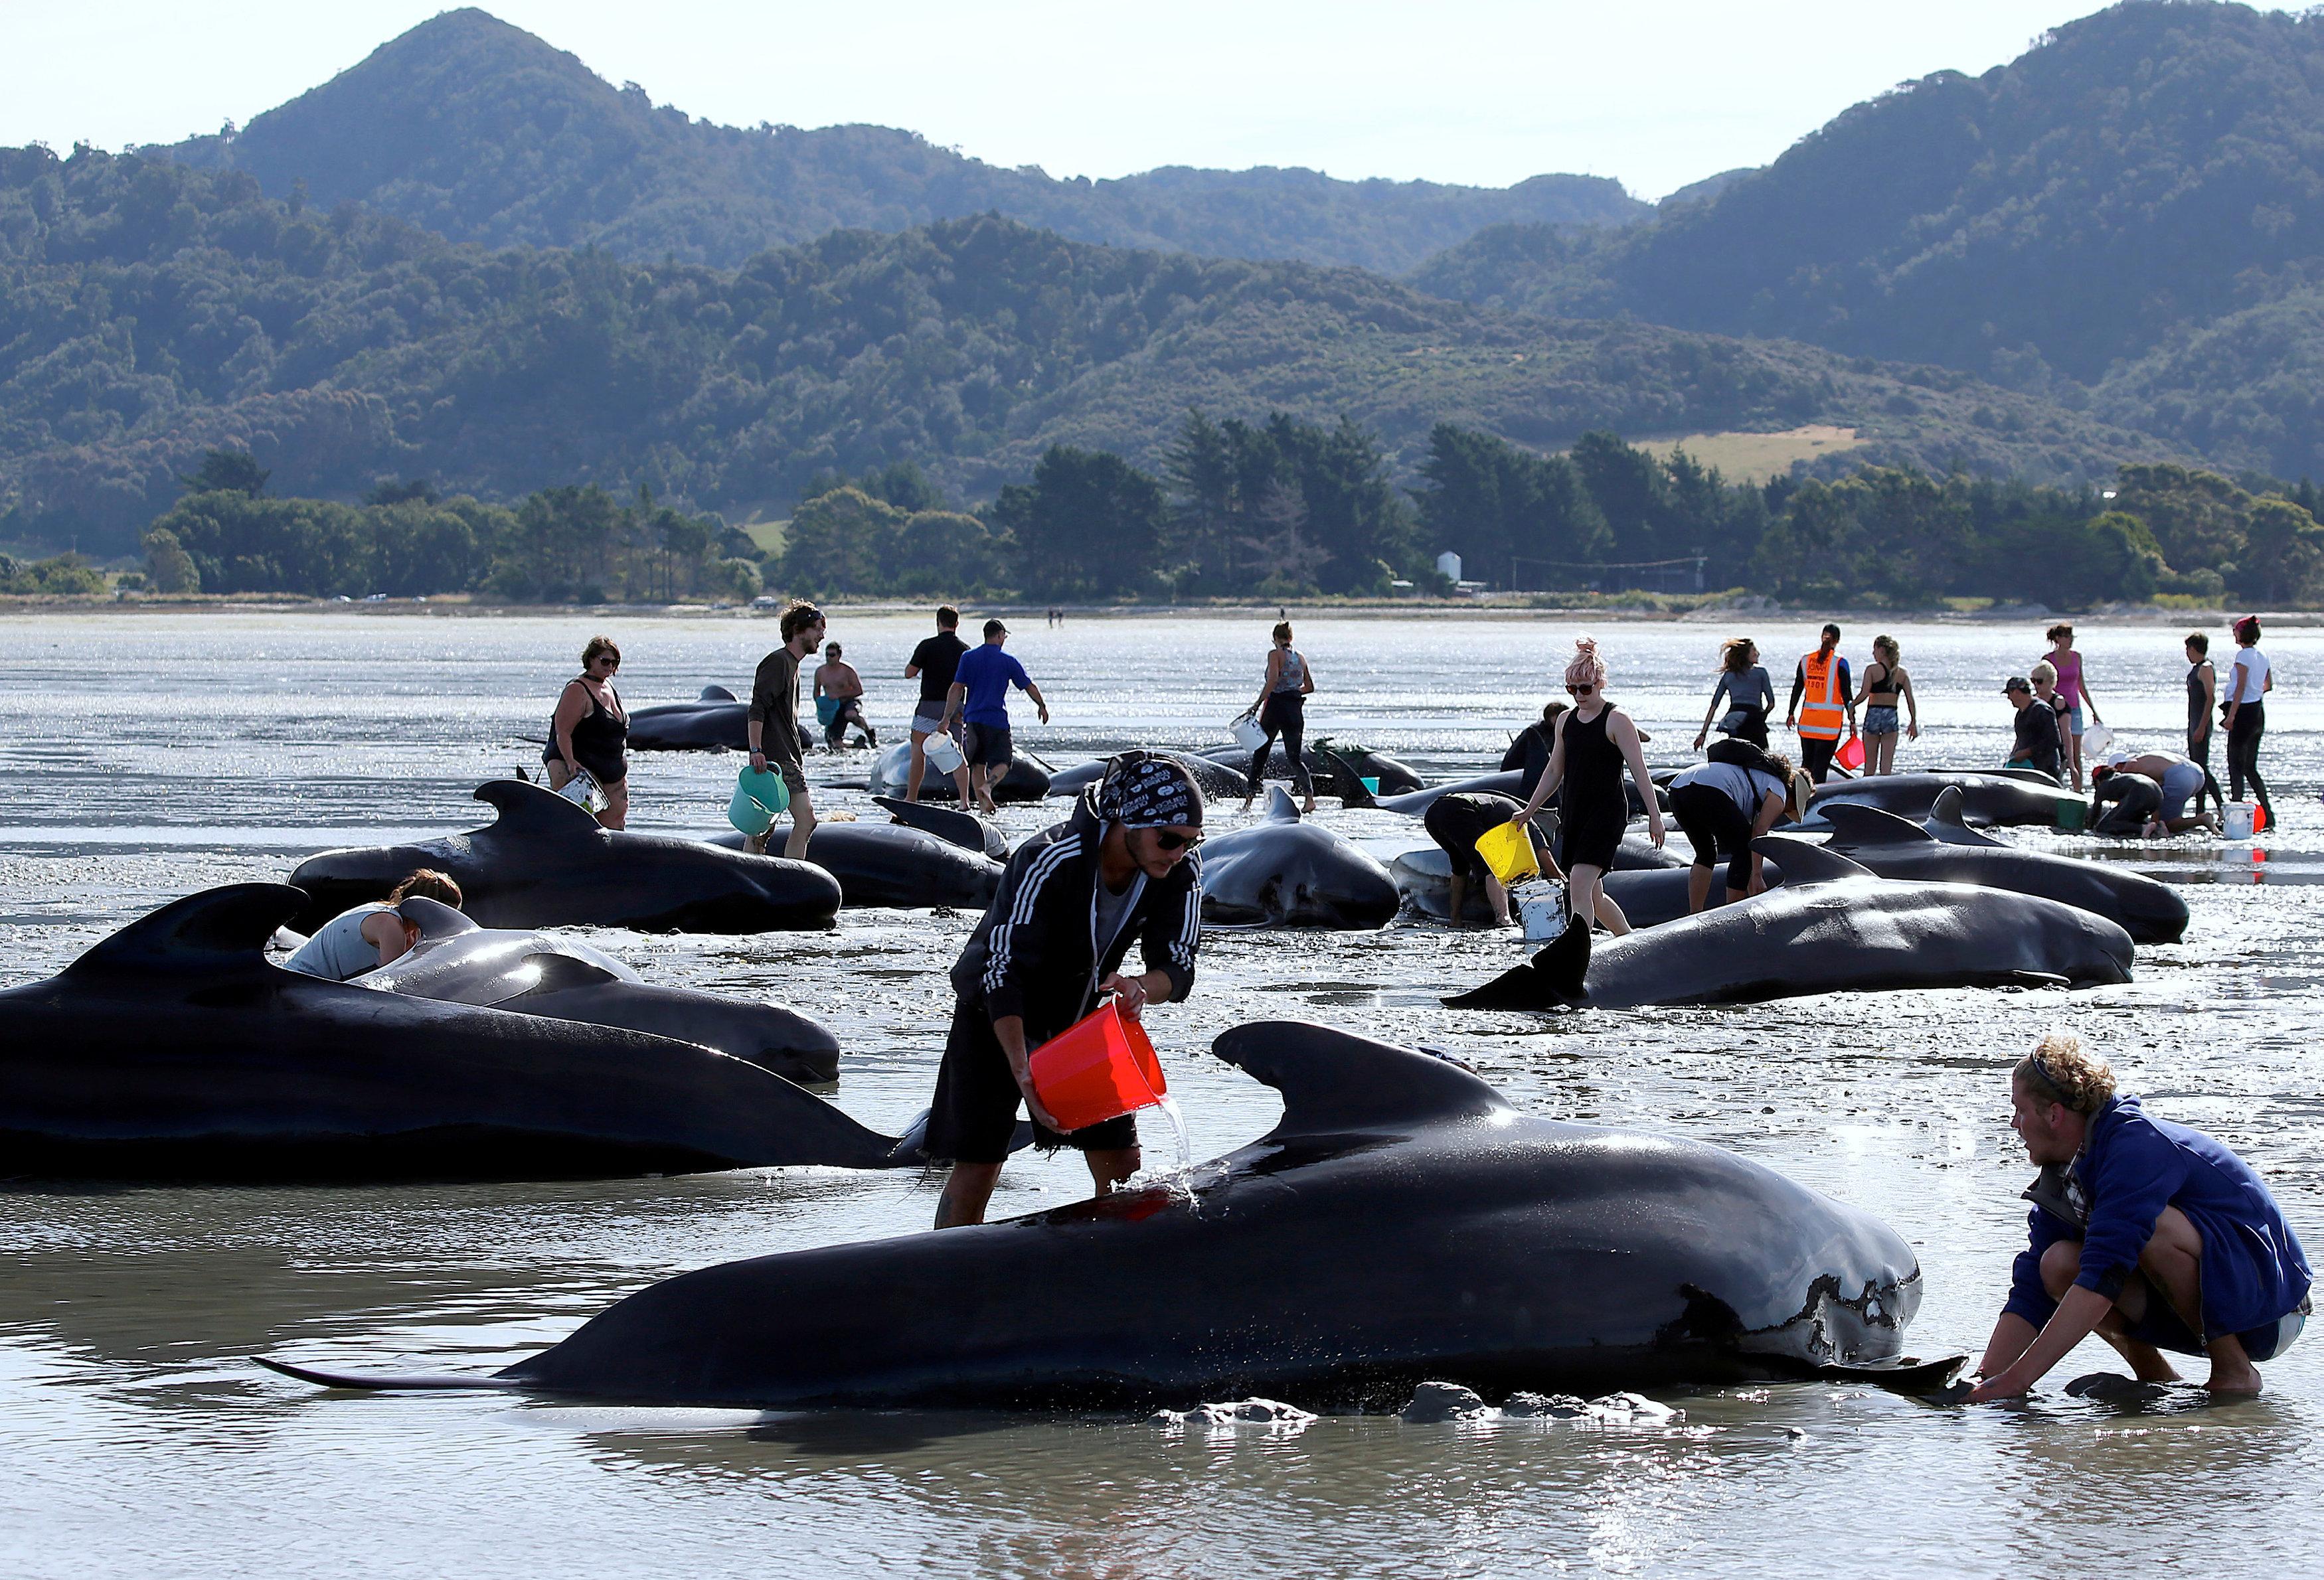 Yeni Zelandiyanın Cənub Adası sahillərinə çıxan 400-dən çox balinanın 70 faizi həyatını itirib